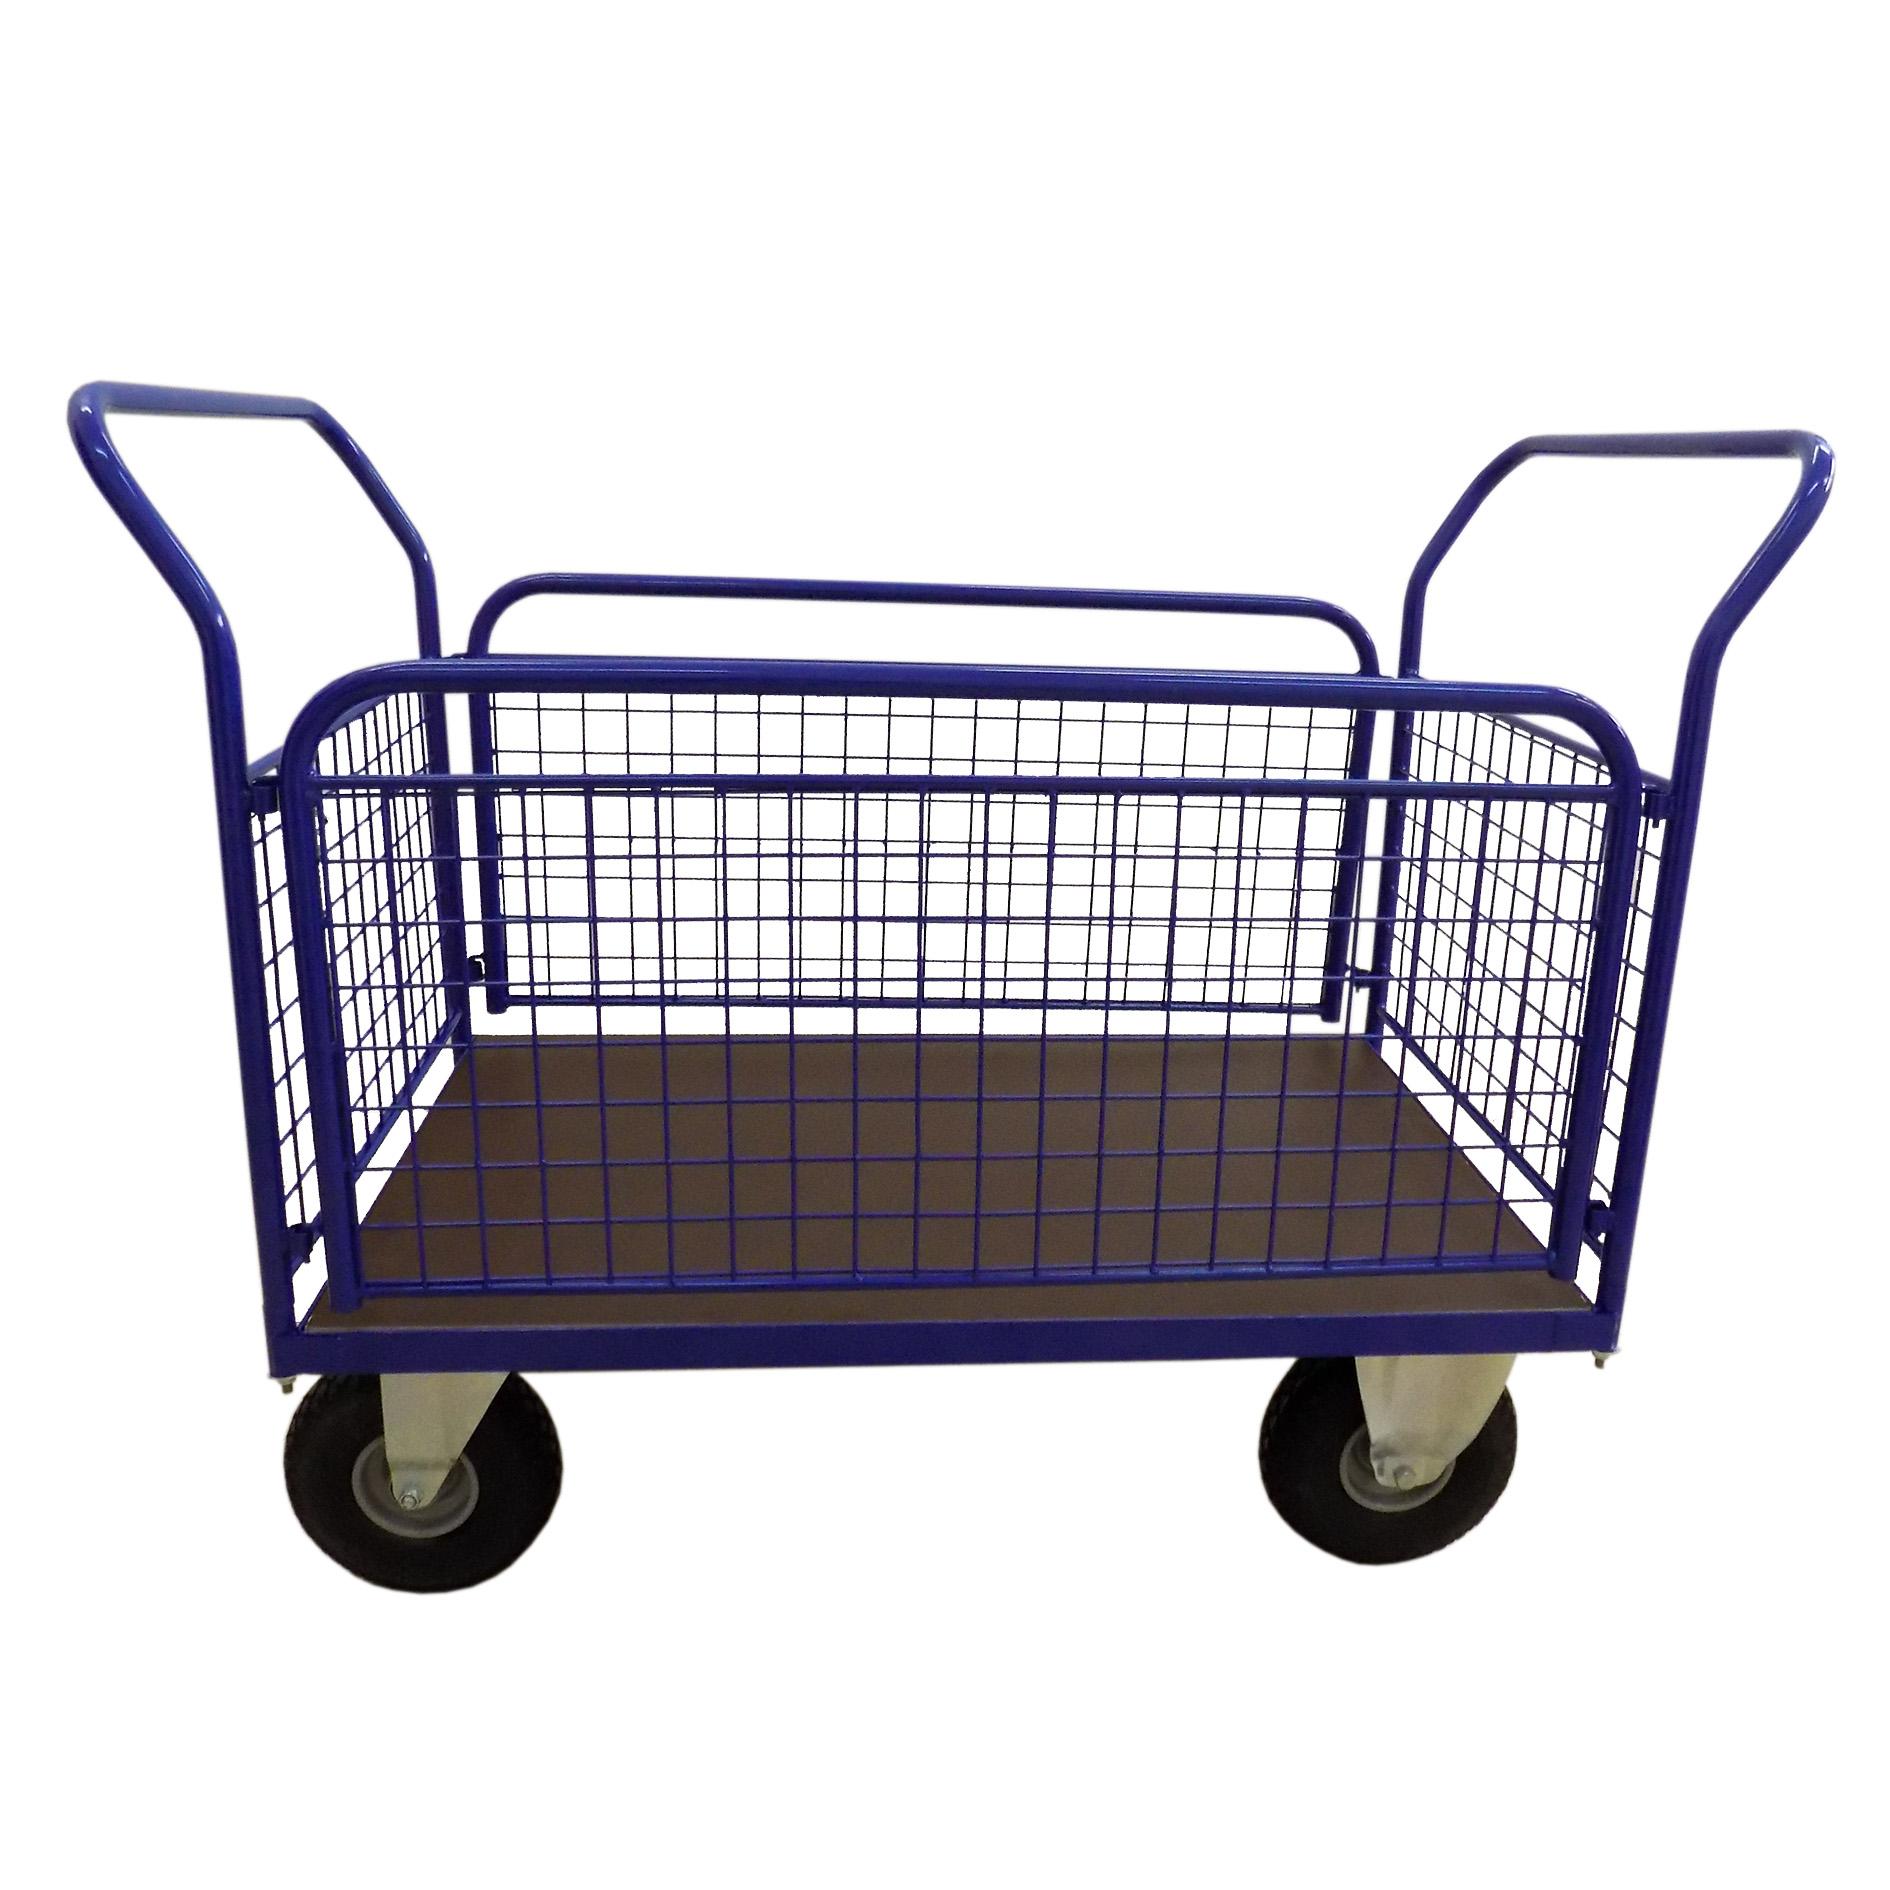 Plošinové vozíky se 2 madly a bočnicemi